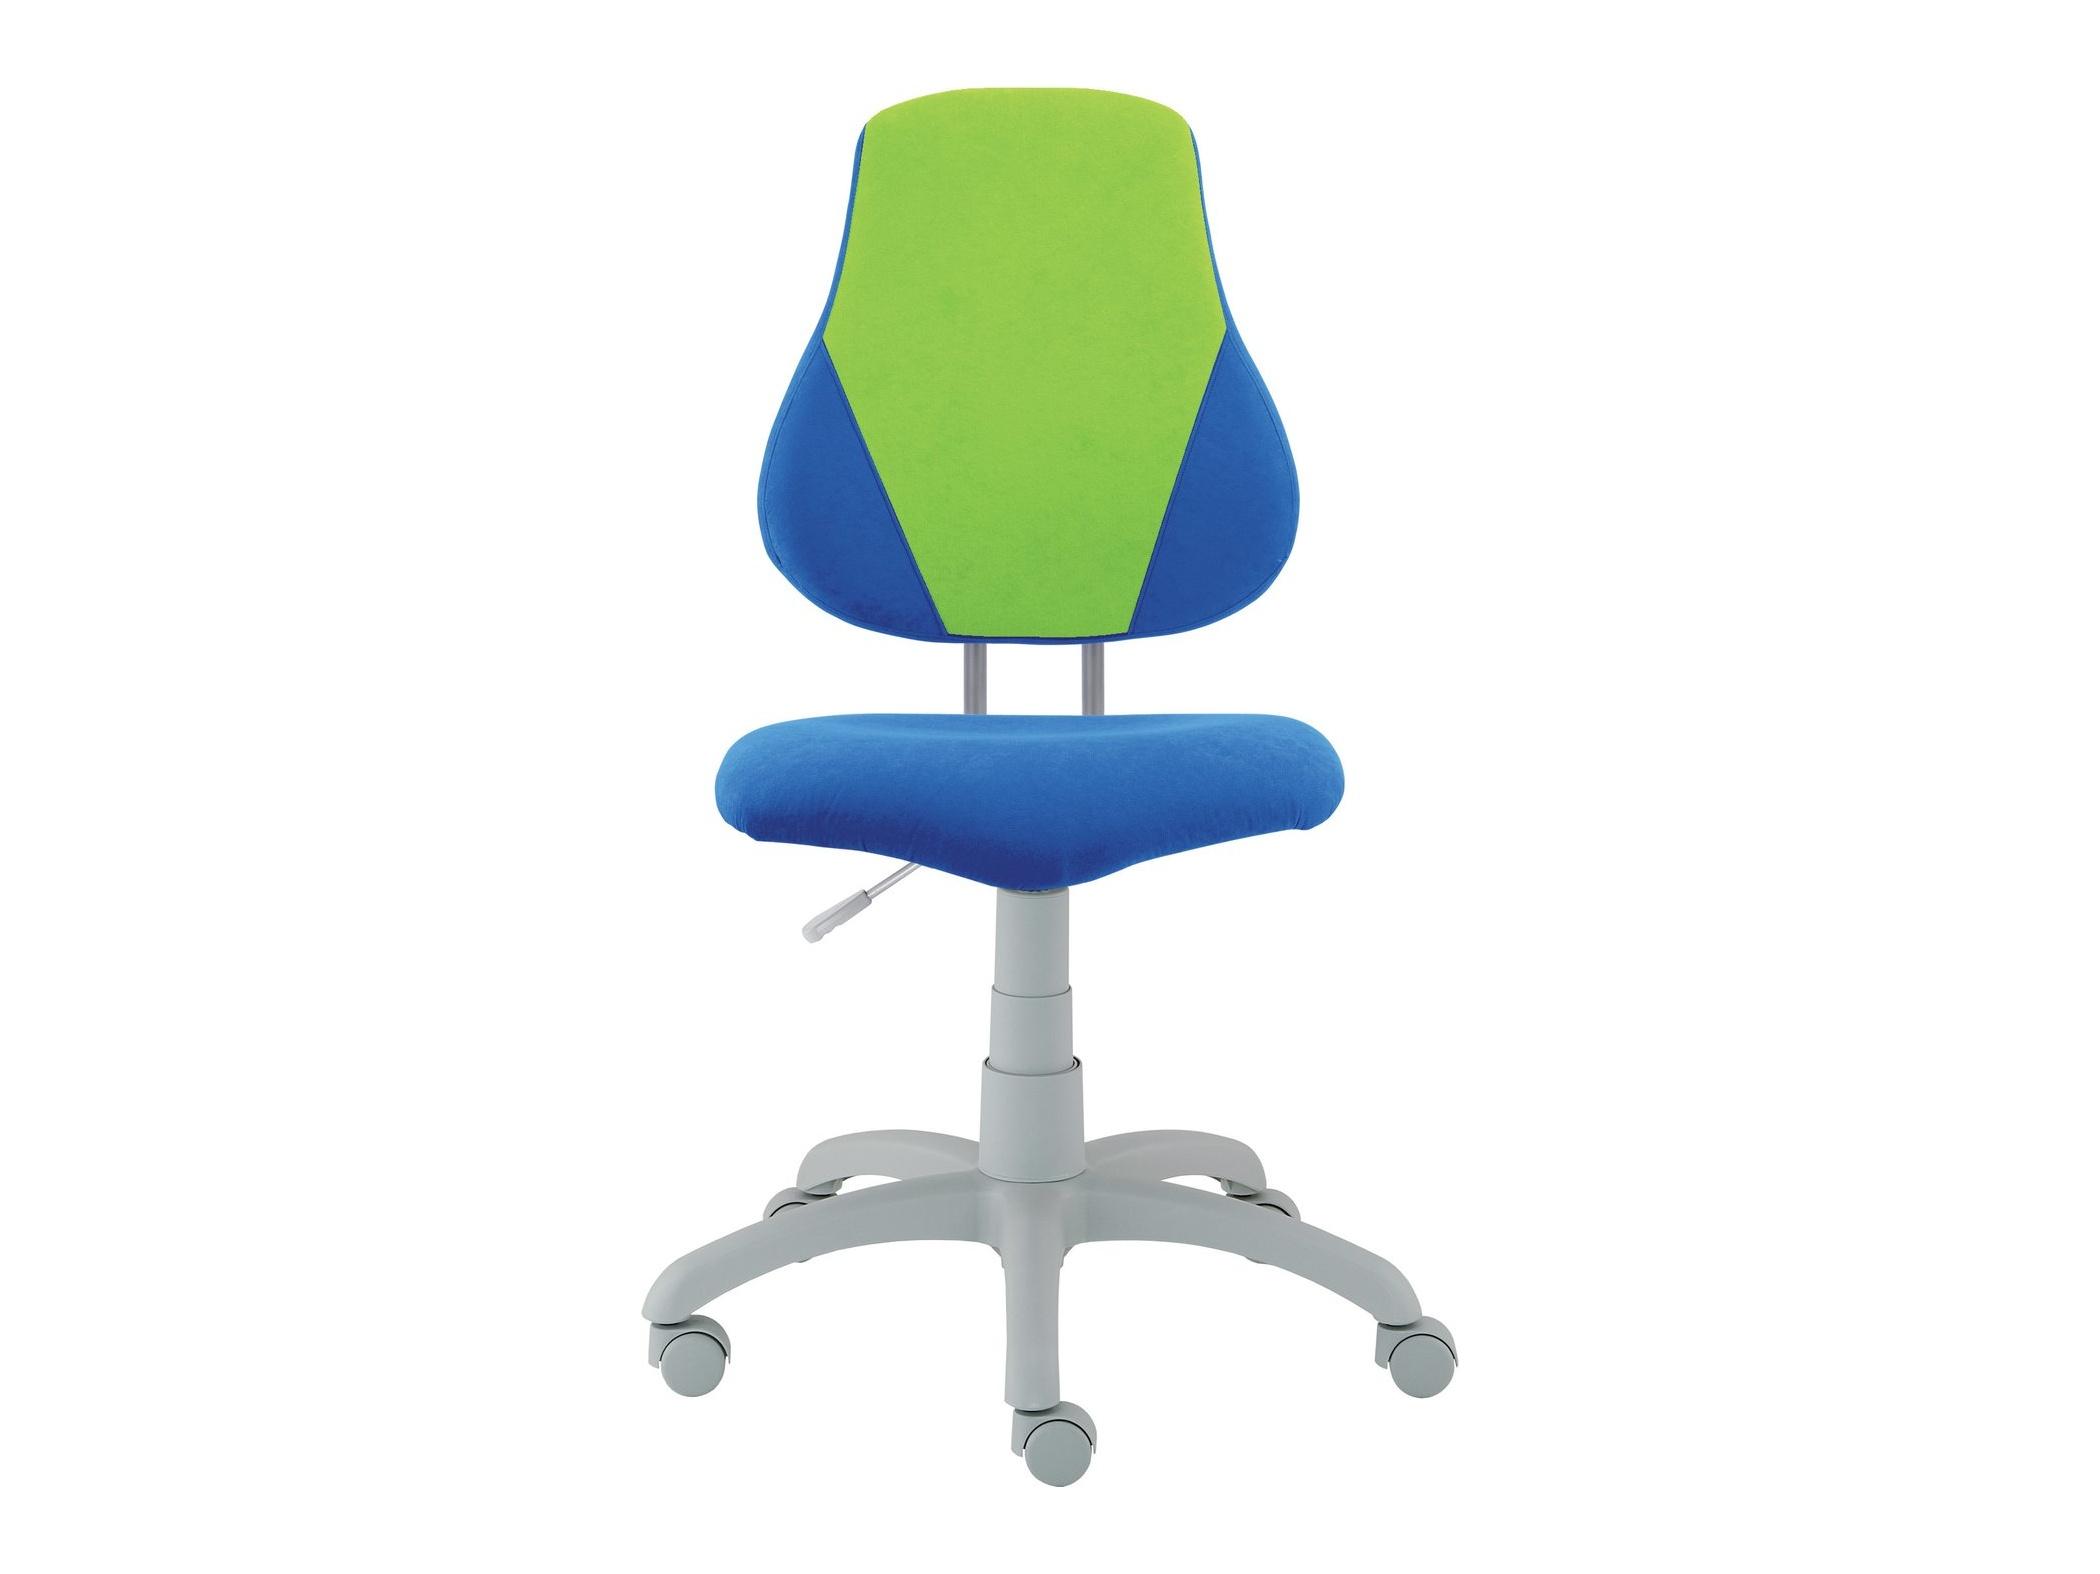 Dětská židle FUXO V, modrá/zelená